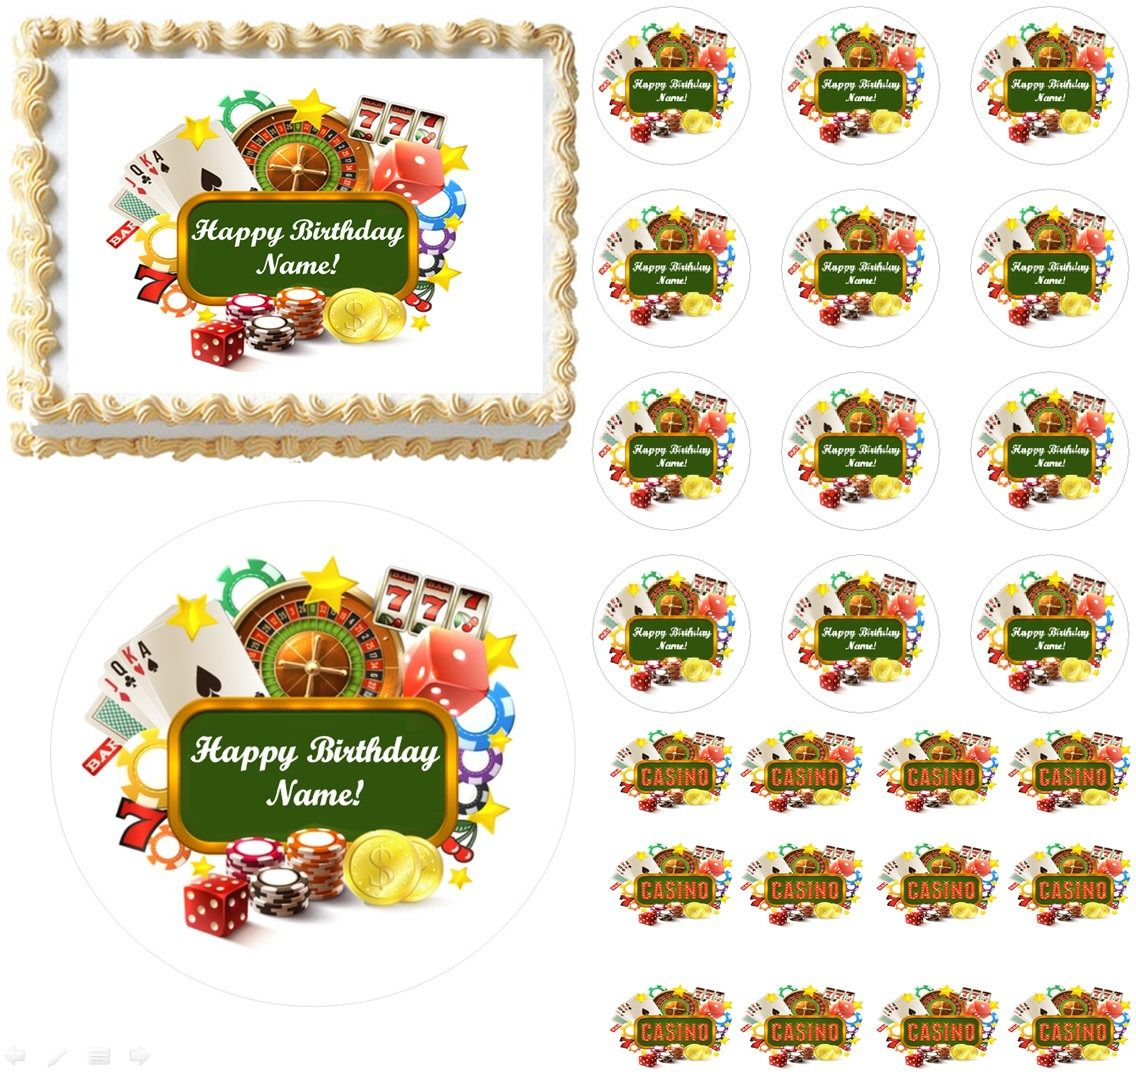 Casino gambling edible cake topper image frosting sheet